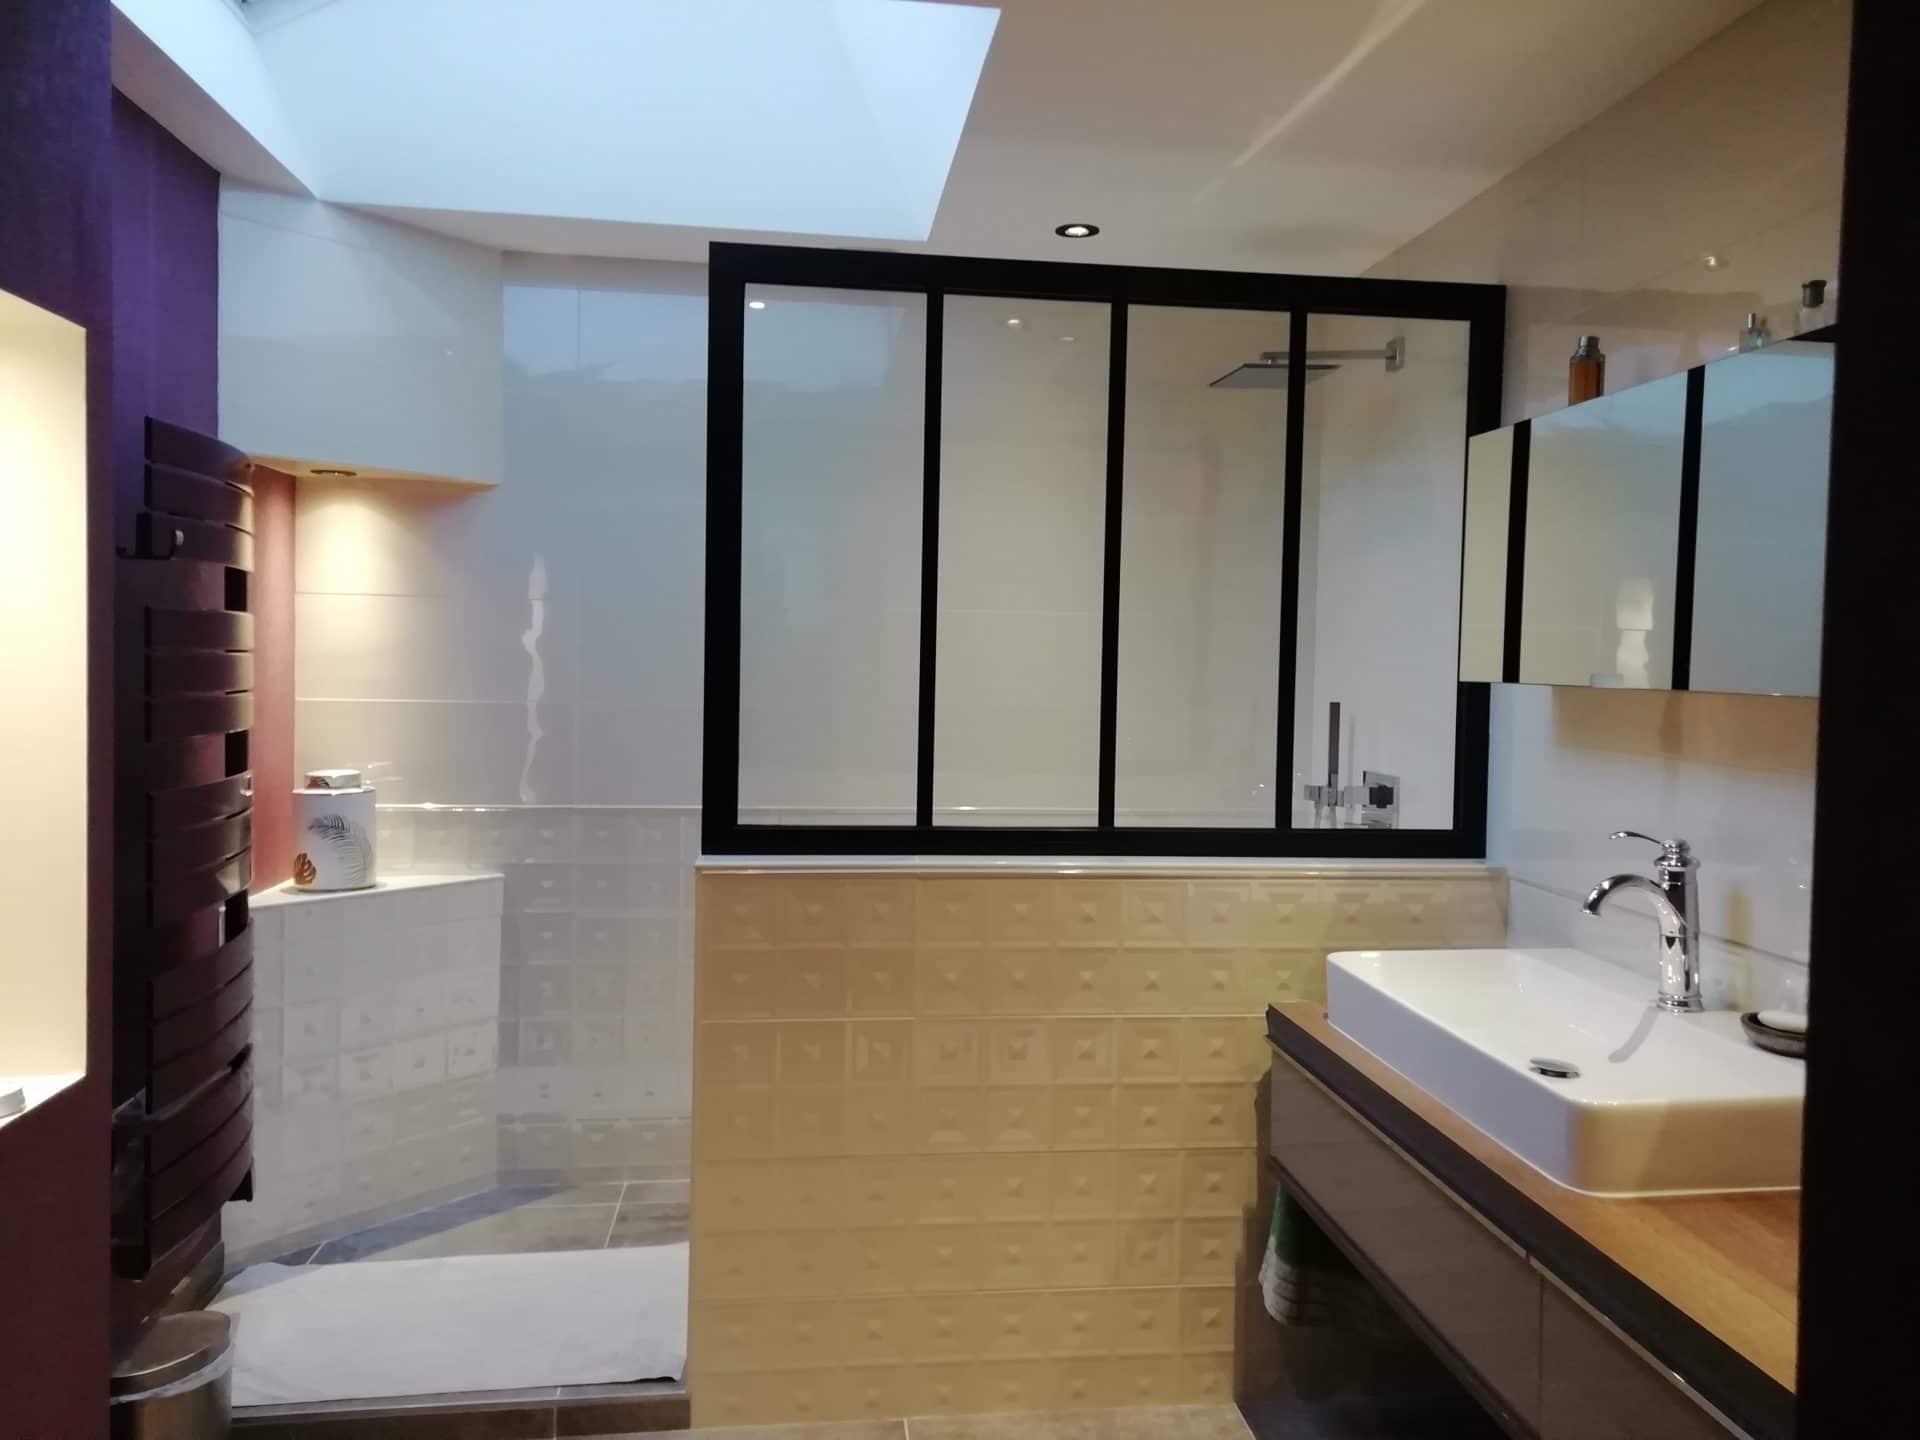 Rénovation de salle de bain à Fougères - Aménagement intérieur